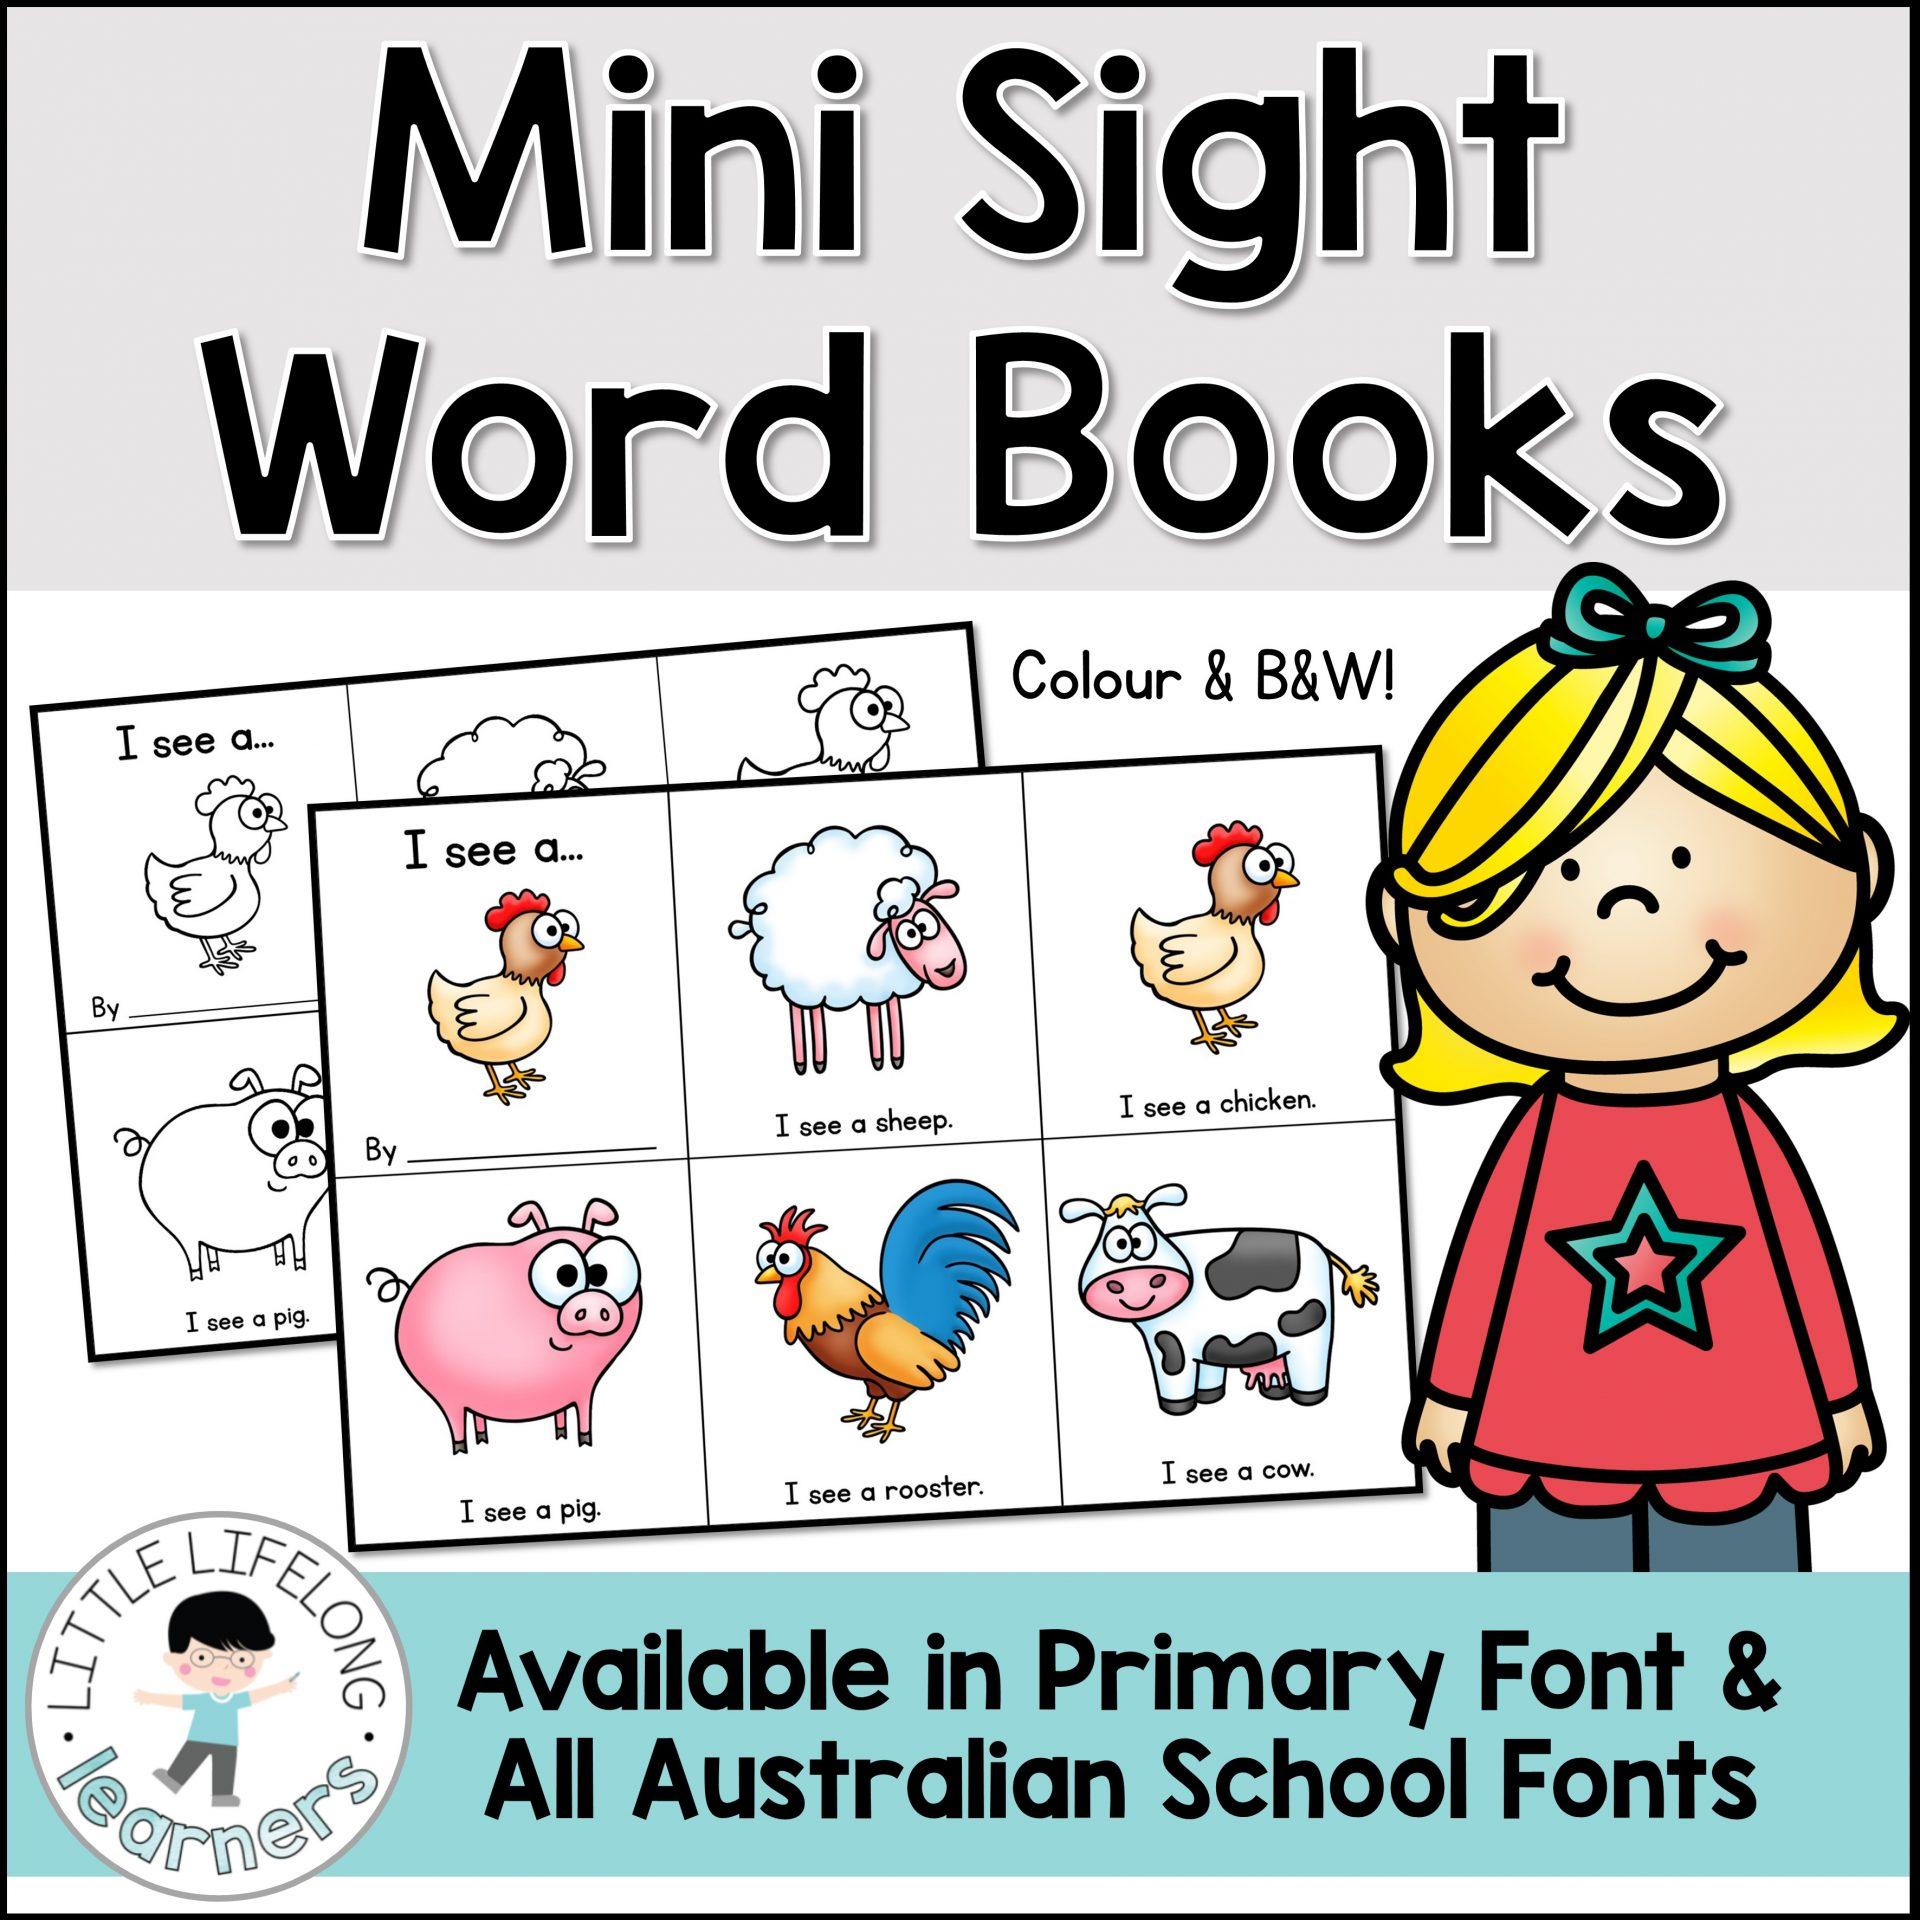 Mini Sight Word Books